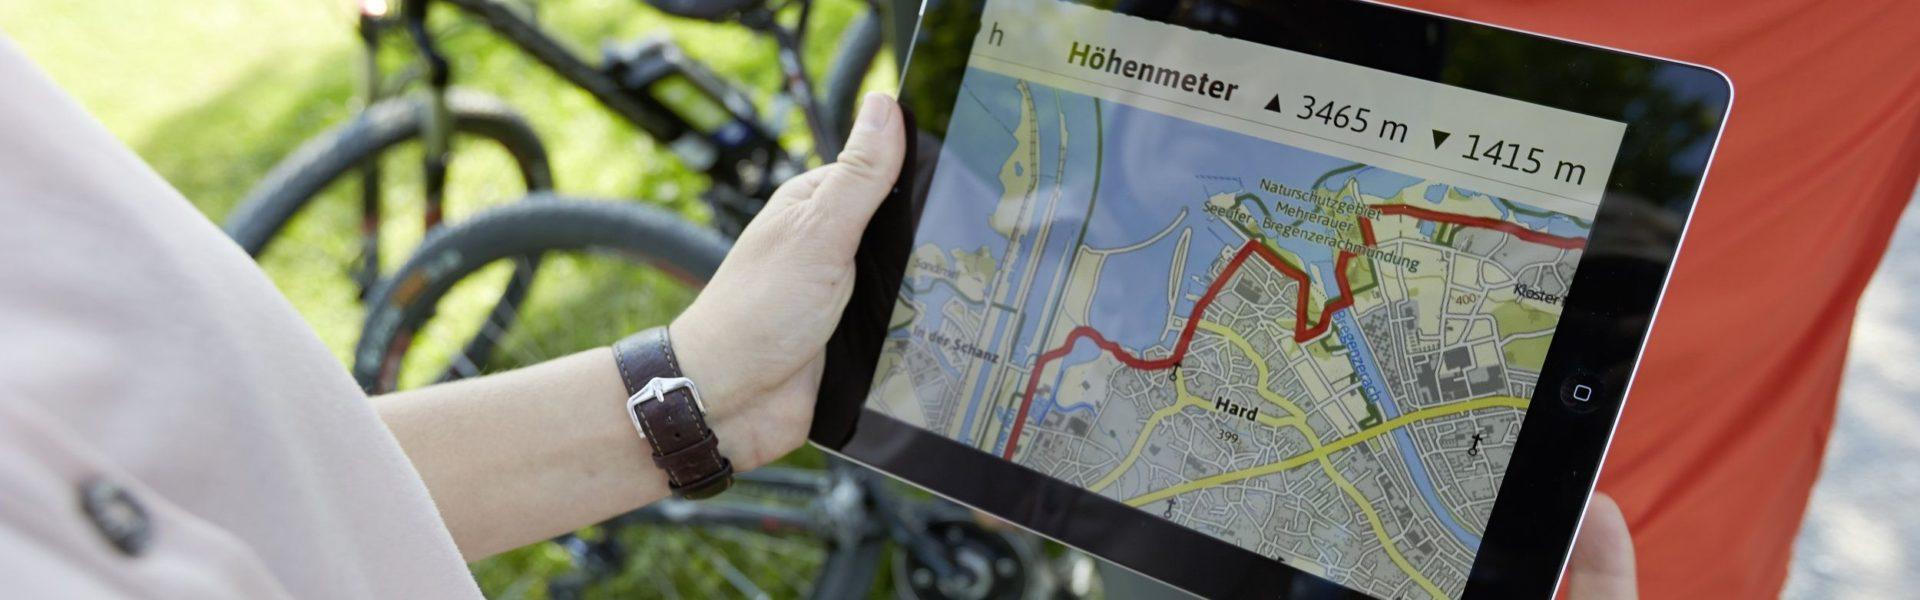 Vorarlberg App Urlaub und Freizeit (c) Peter Mathis / Vorarlberg Tourismus GmbH